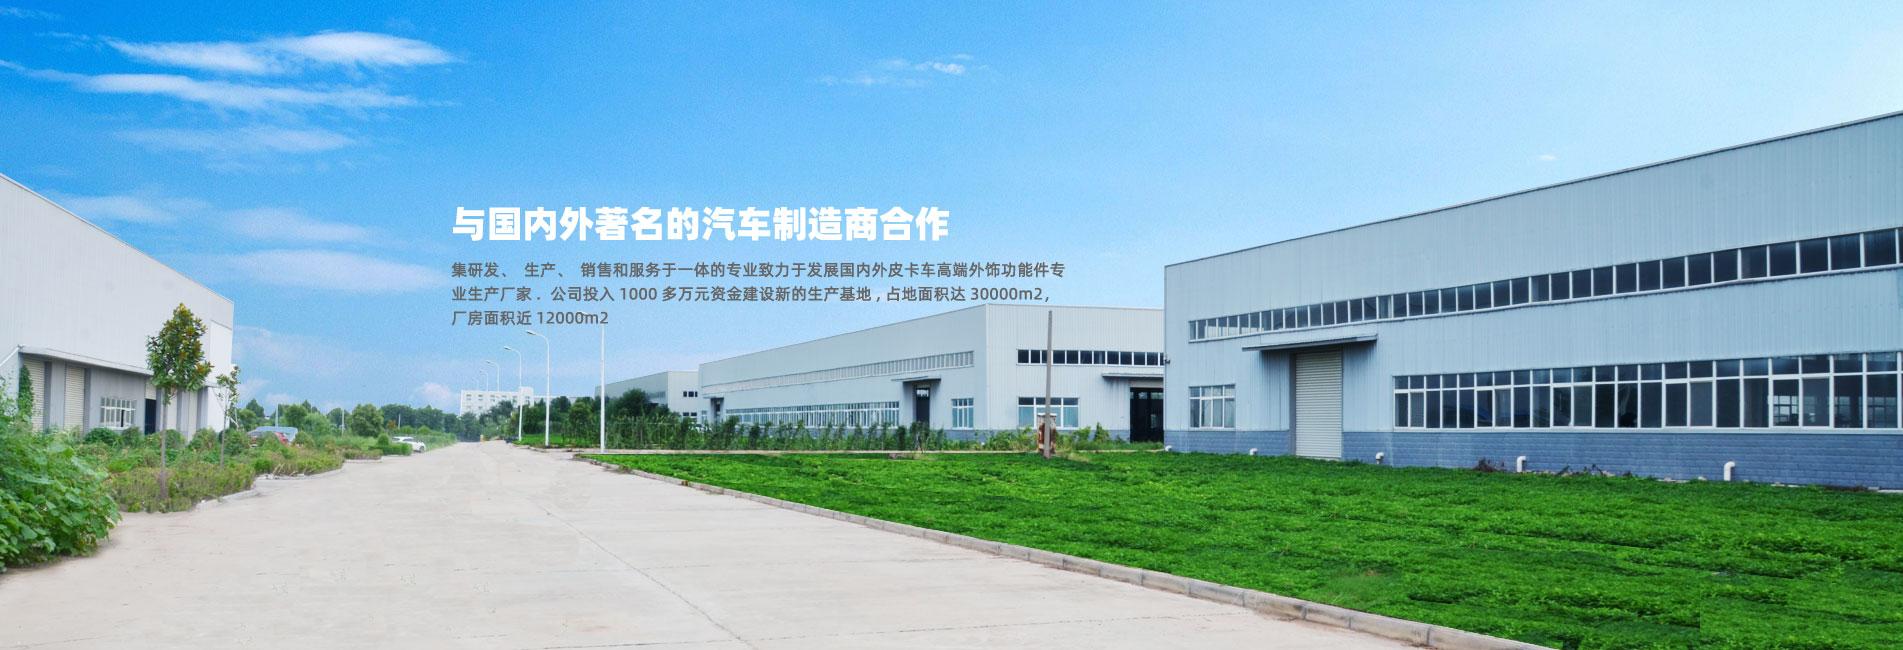 河南达晟熙实业有限公司